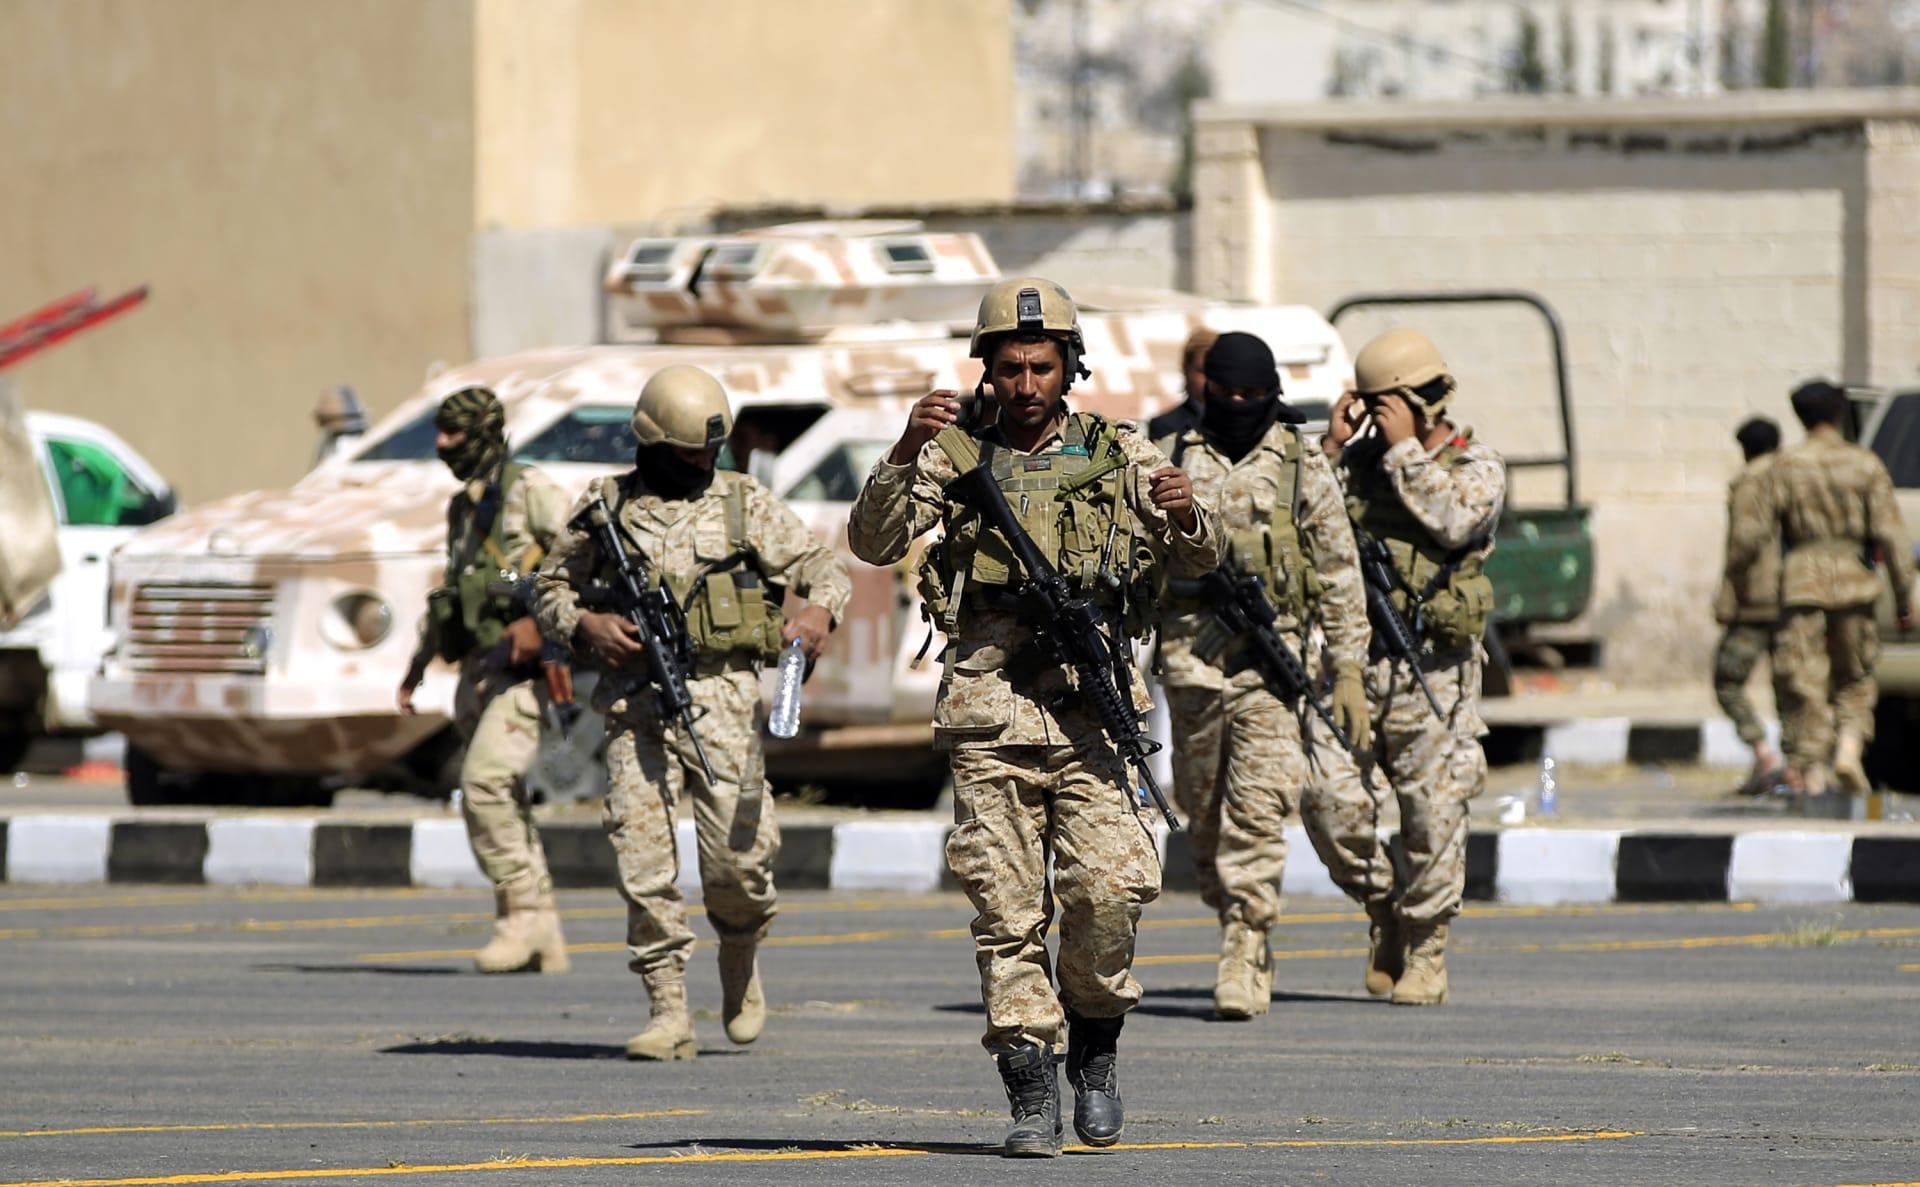 معارك قاسية في صنعاء بين صالح والحوثيين ودعوات لتحرك القبائل